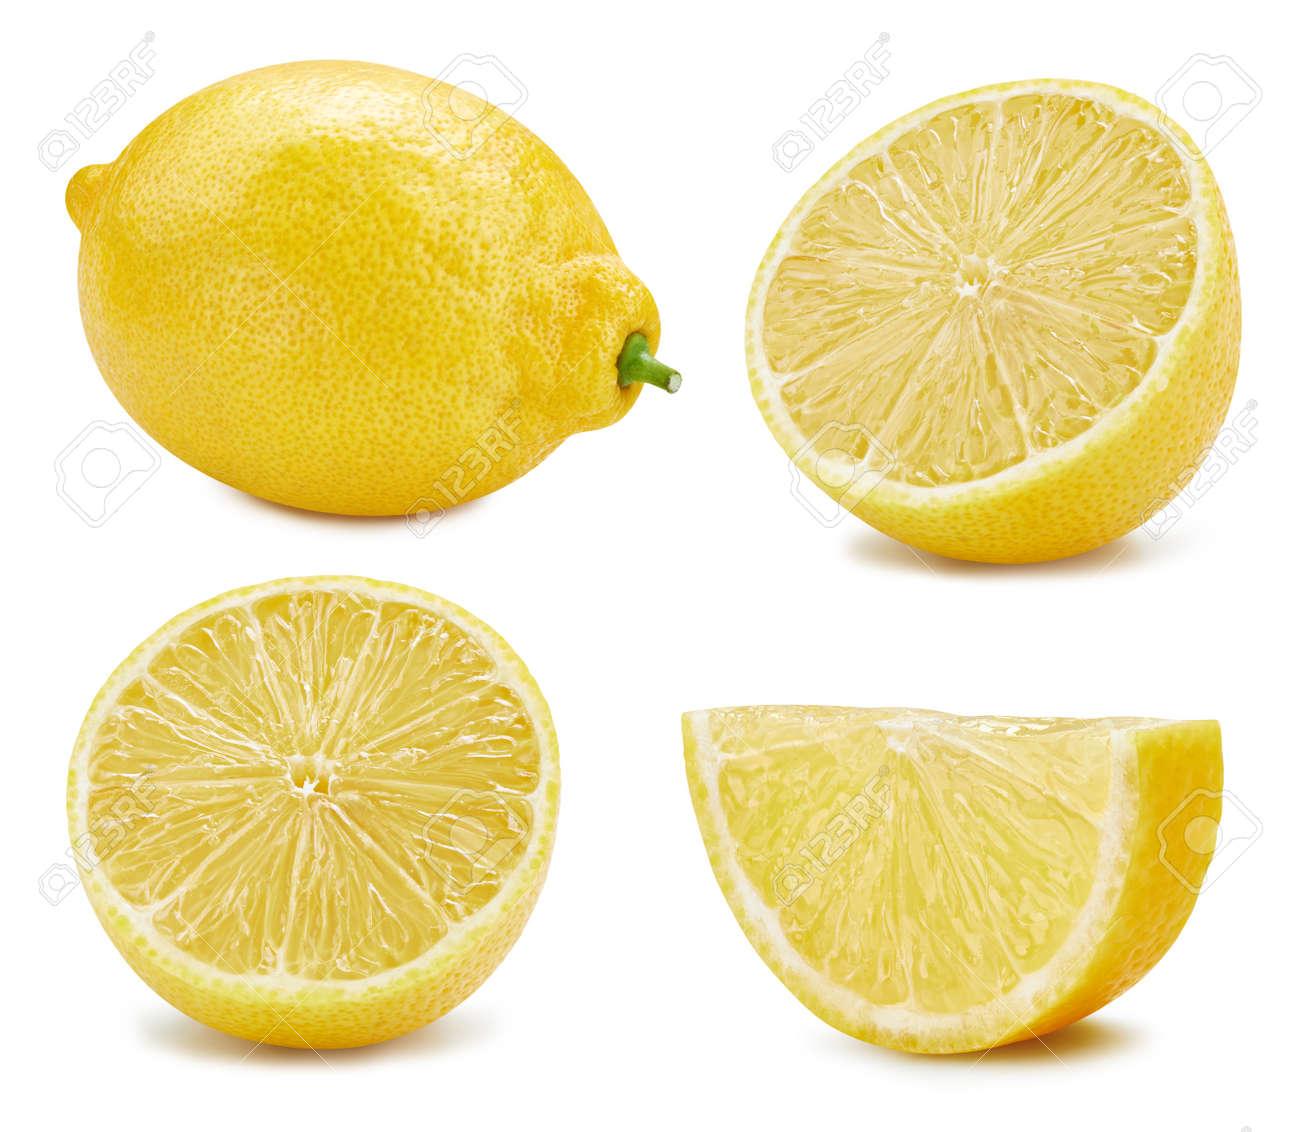 Lemon collection Clipping Path. Lemon isolated on white background. Big set fresh lemon fruits. - 165076848